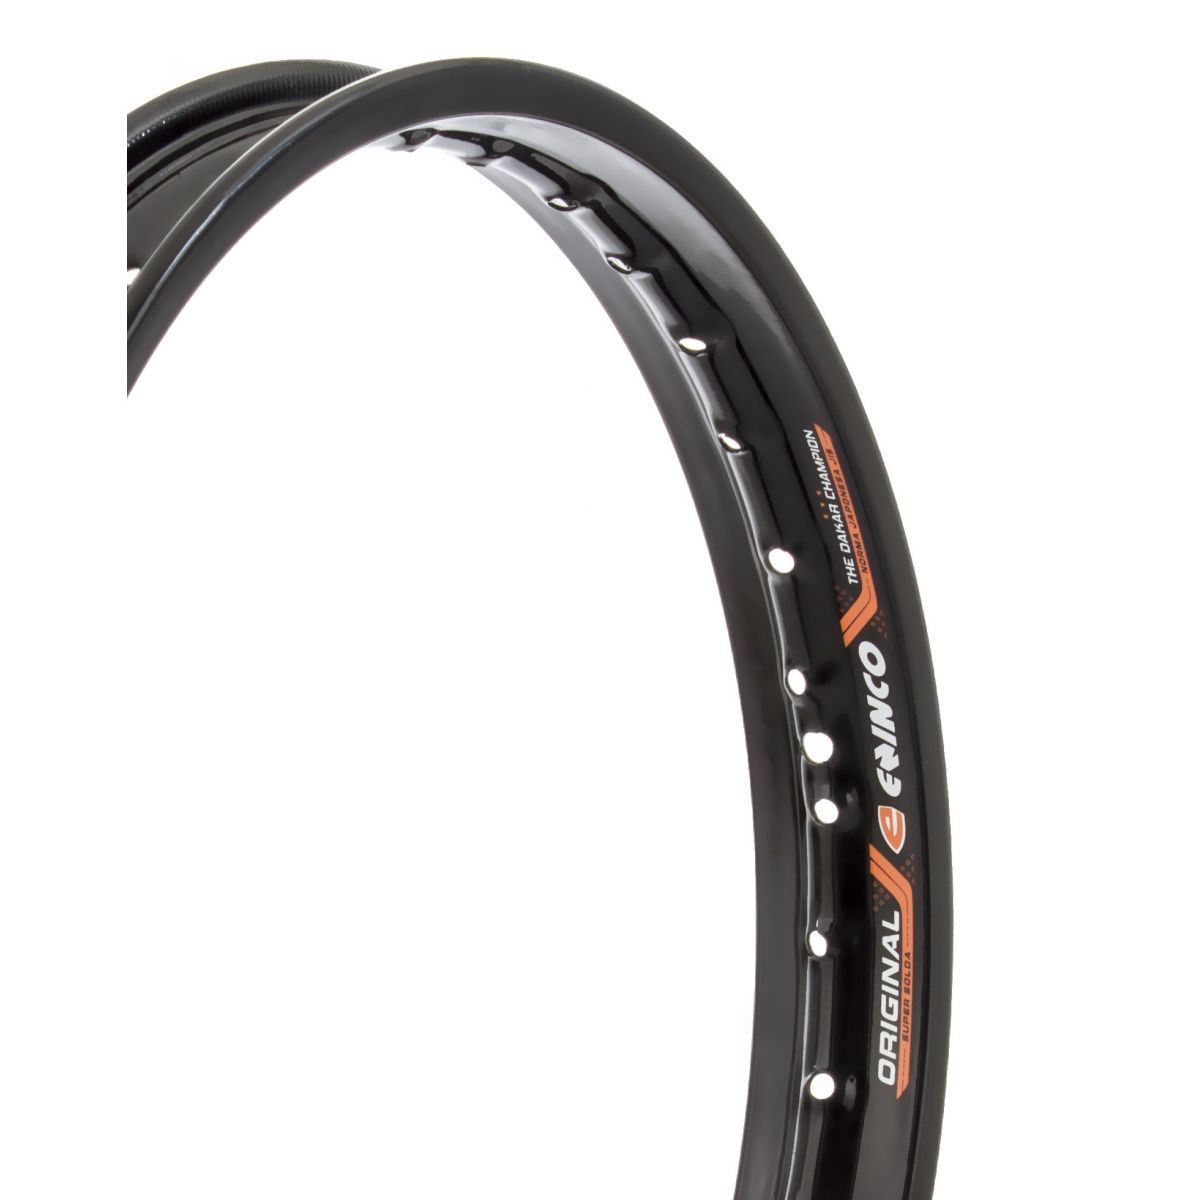 Aro de Moto Dianteiro Yamaha Crypton - 1.20 X 17 - Preto - Eninco